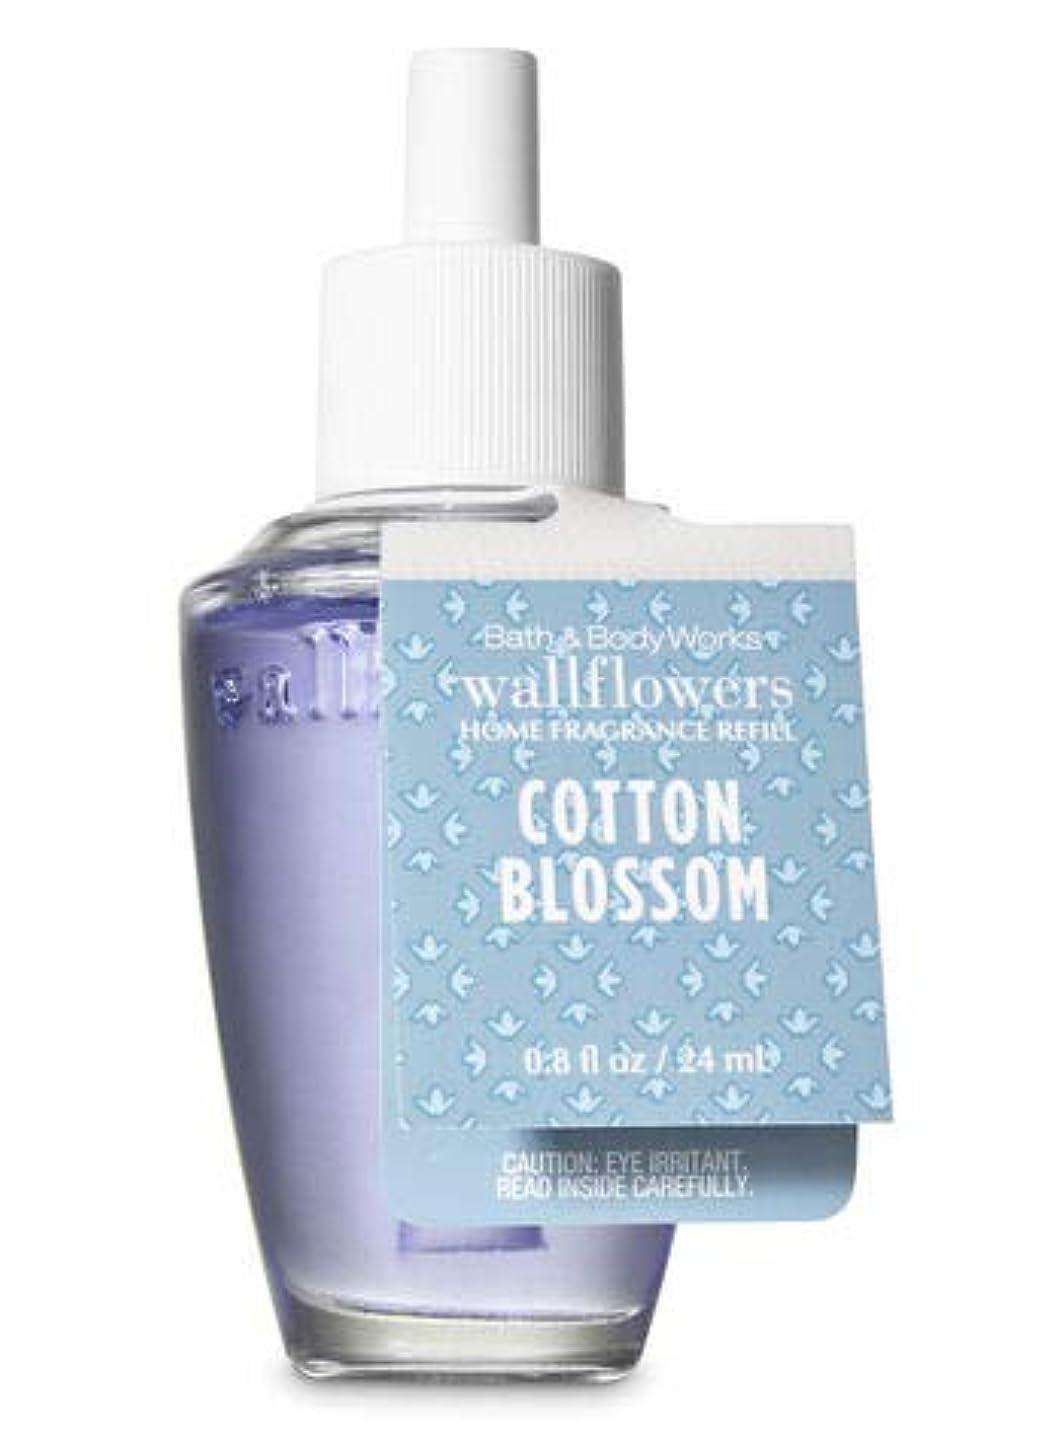 調整可能シェードスラム街【Bath&Body Works/バス&ボディワークス】 ルームフレグランス 詰替えリフィル コットンブロッサム Wallflowers Home Fragrance Refill Cotton Blossom [並行輸入品]